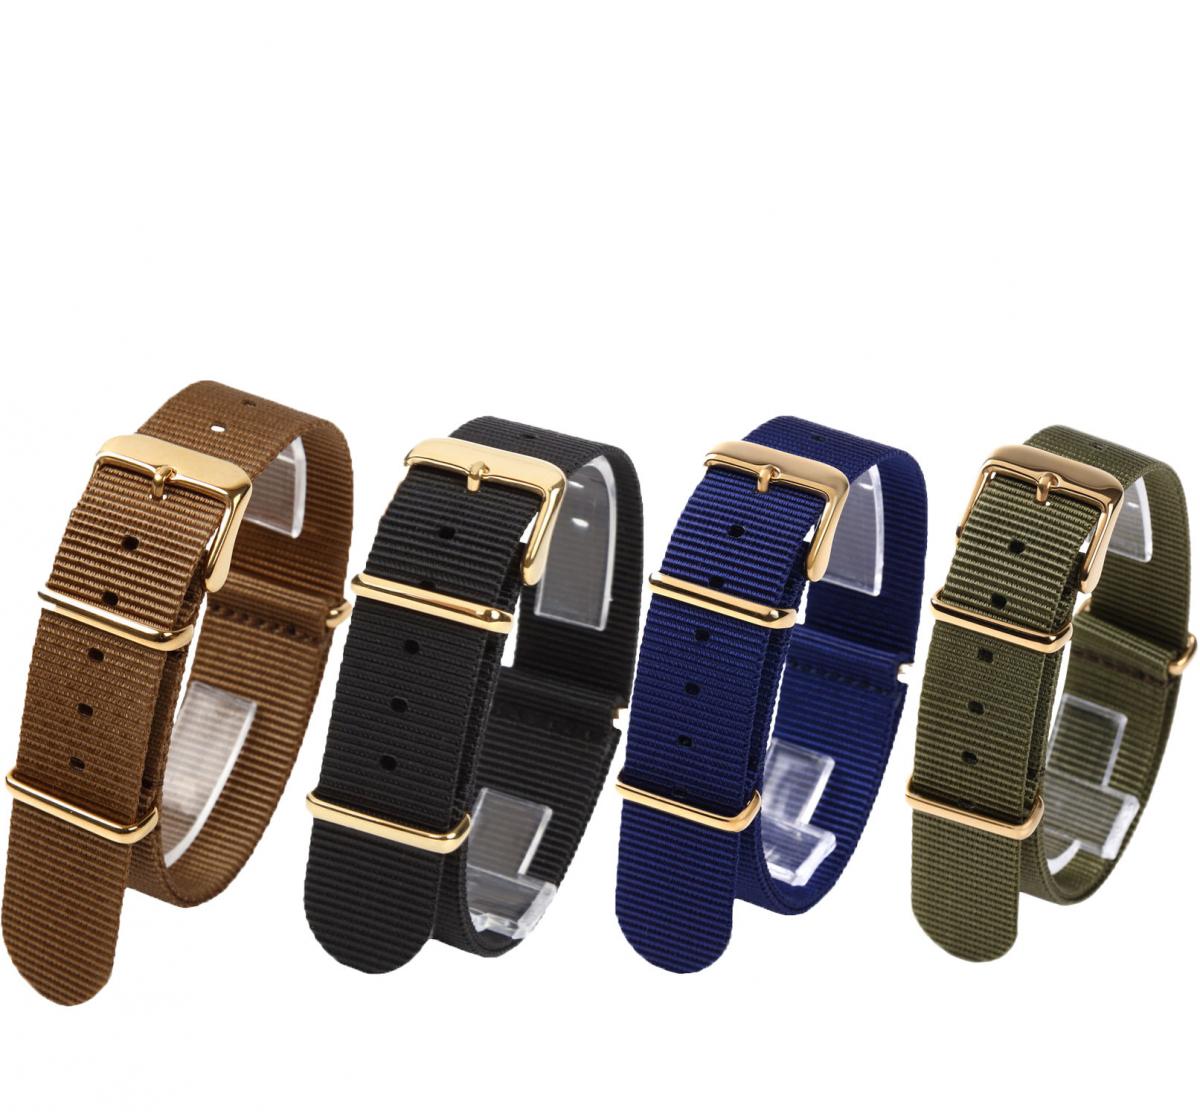 時計ベルト16mm 4本セット NATO ゴールドバックル ショートサイズ 取付けマニュアル 腕時計バンドセット売り_画像1